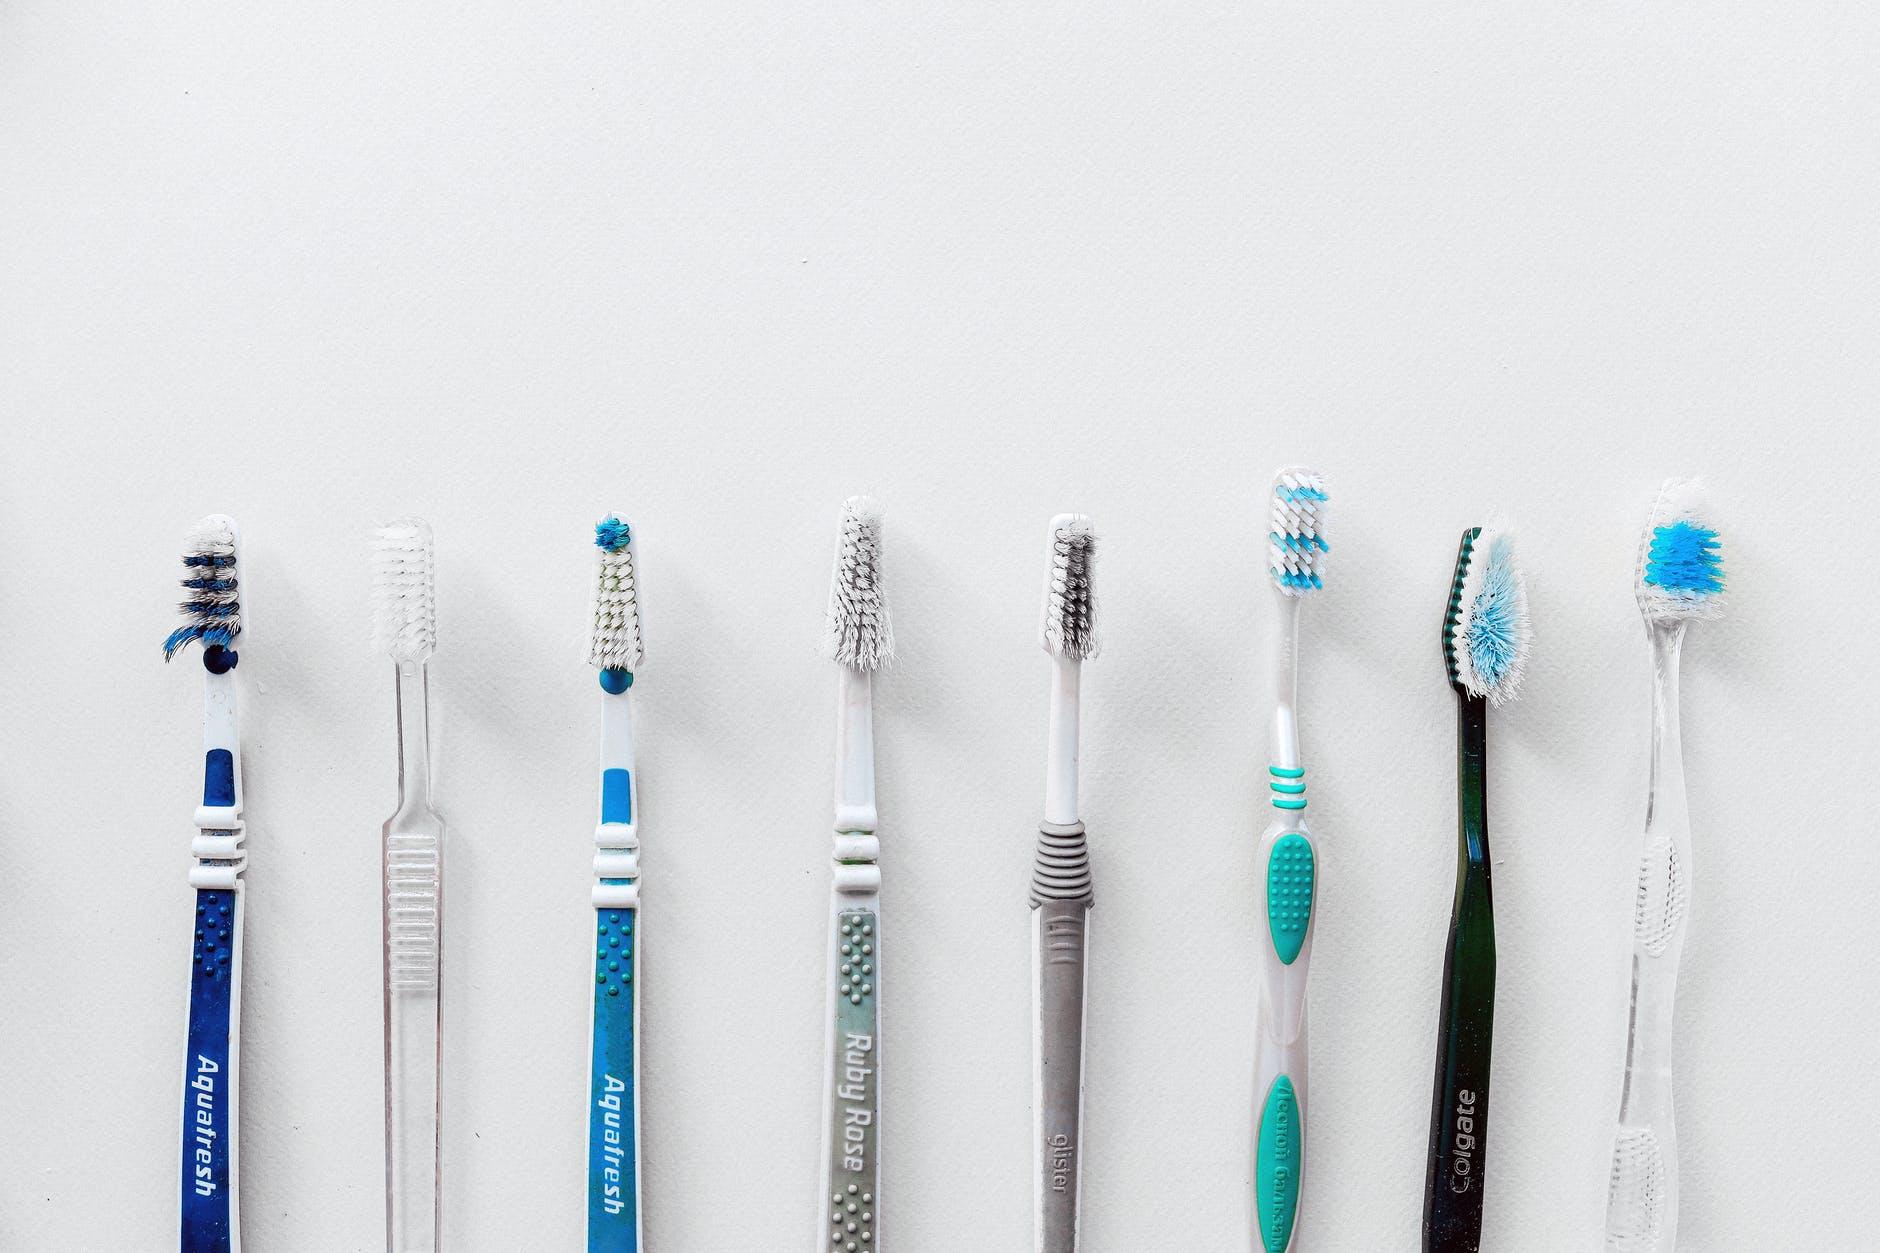 5 Jenis Sikat Gigi Agar Gigi Selalu Bersih dan Sehat